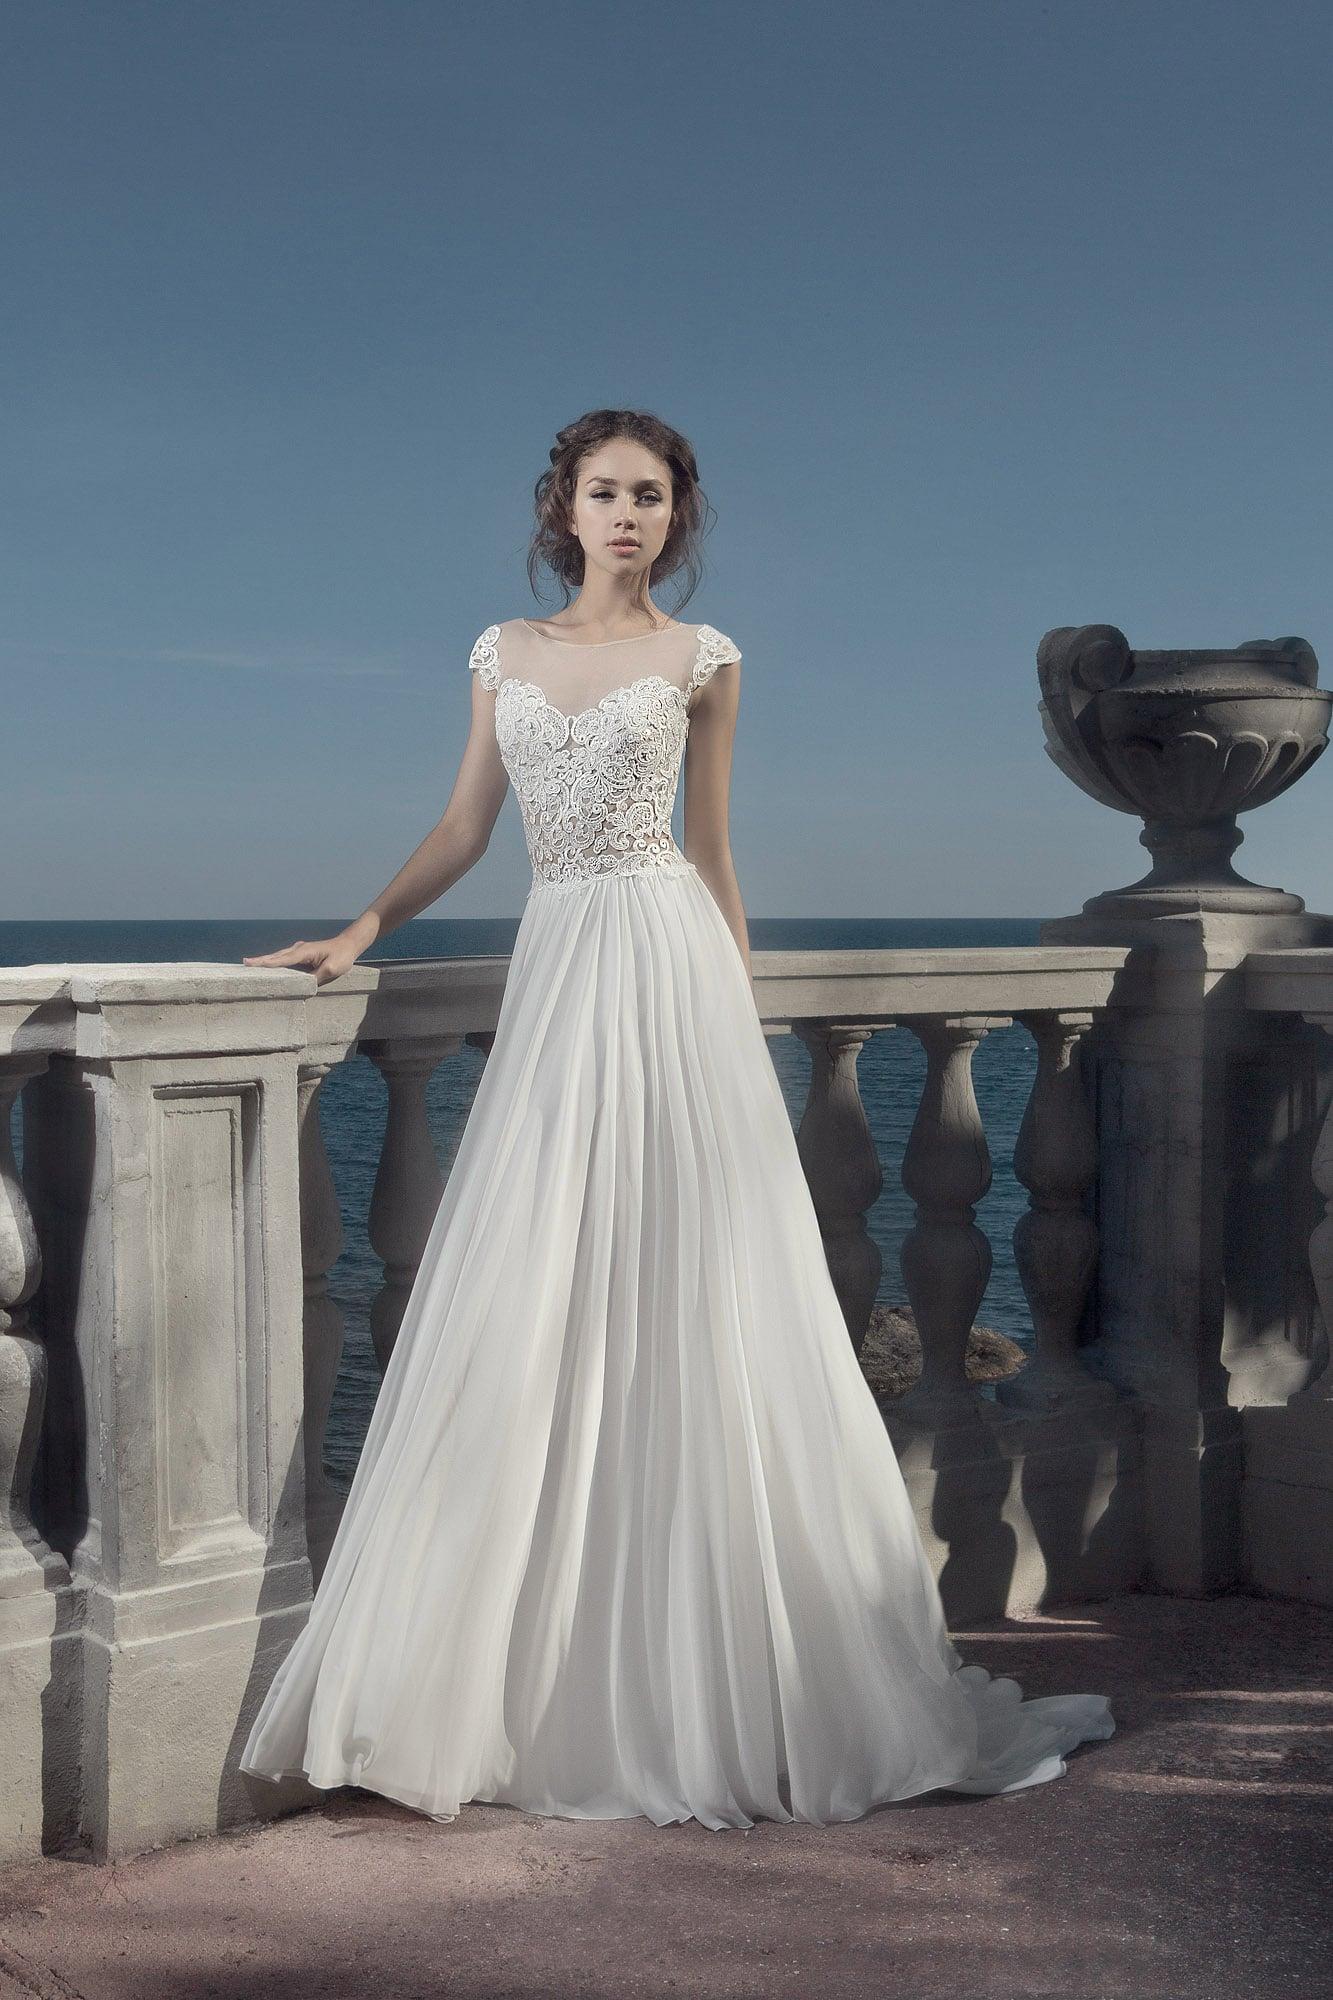 Прямое свадебное платье с нежным кружевным верхом.